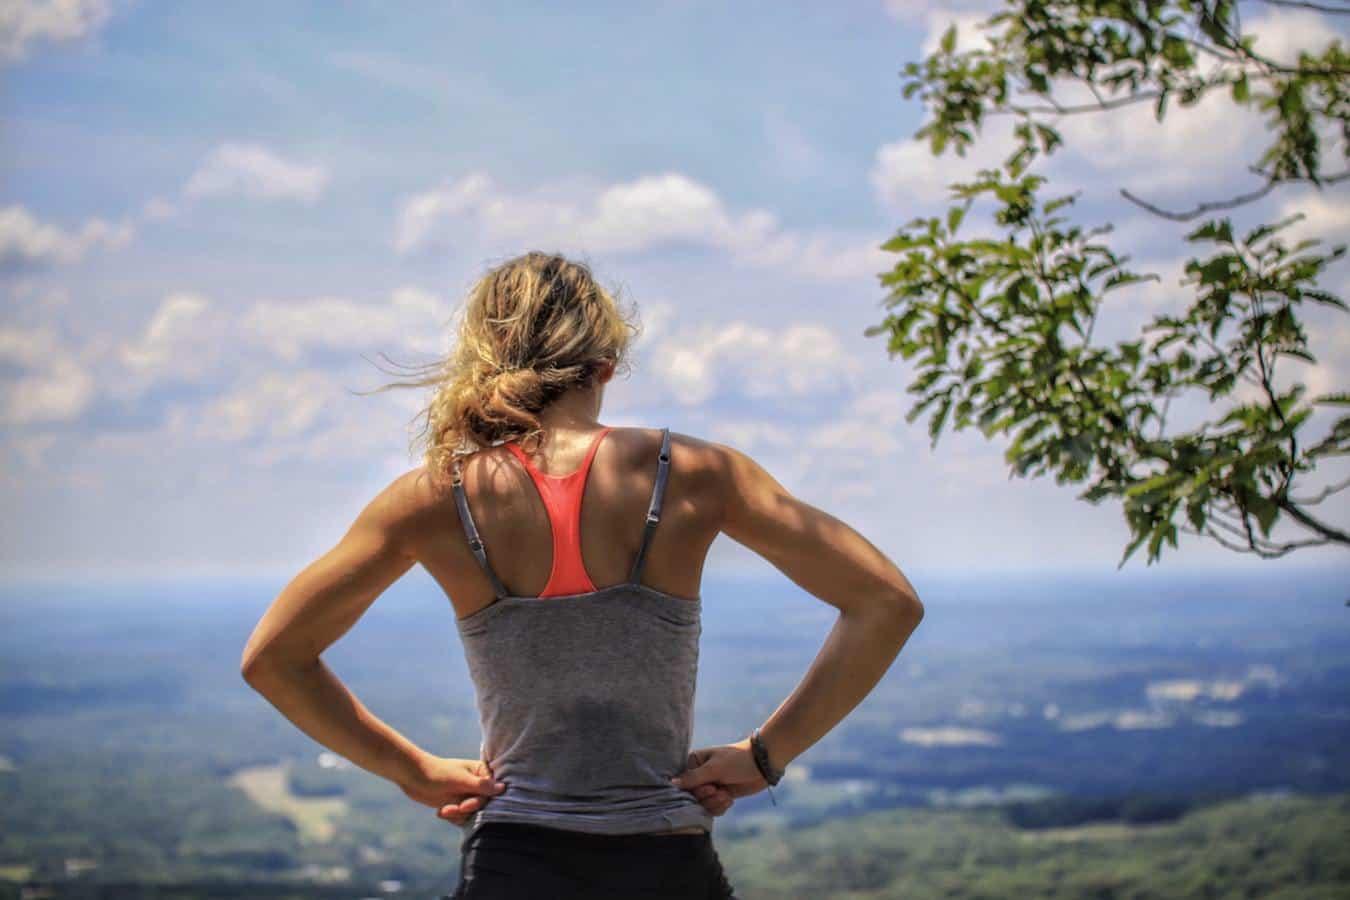 How to Run | Tuesdays on the Run